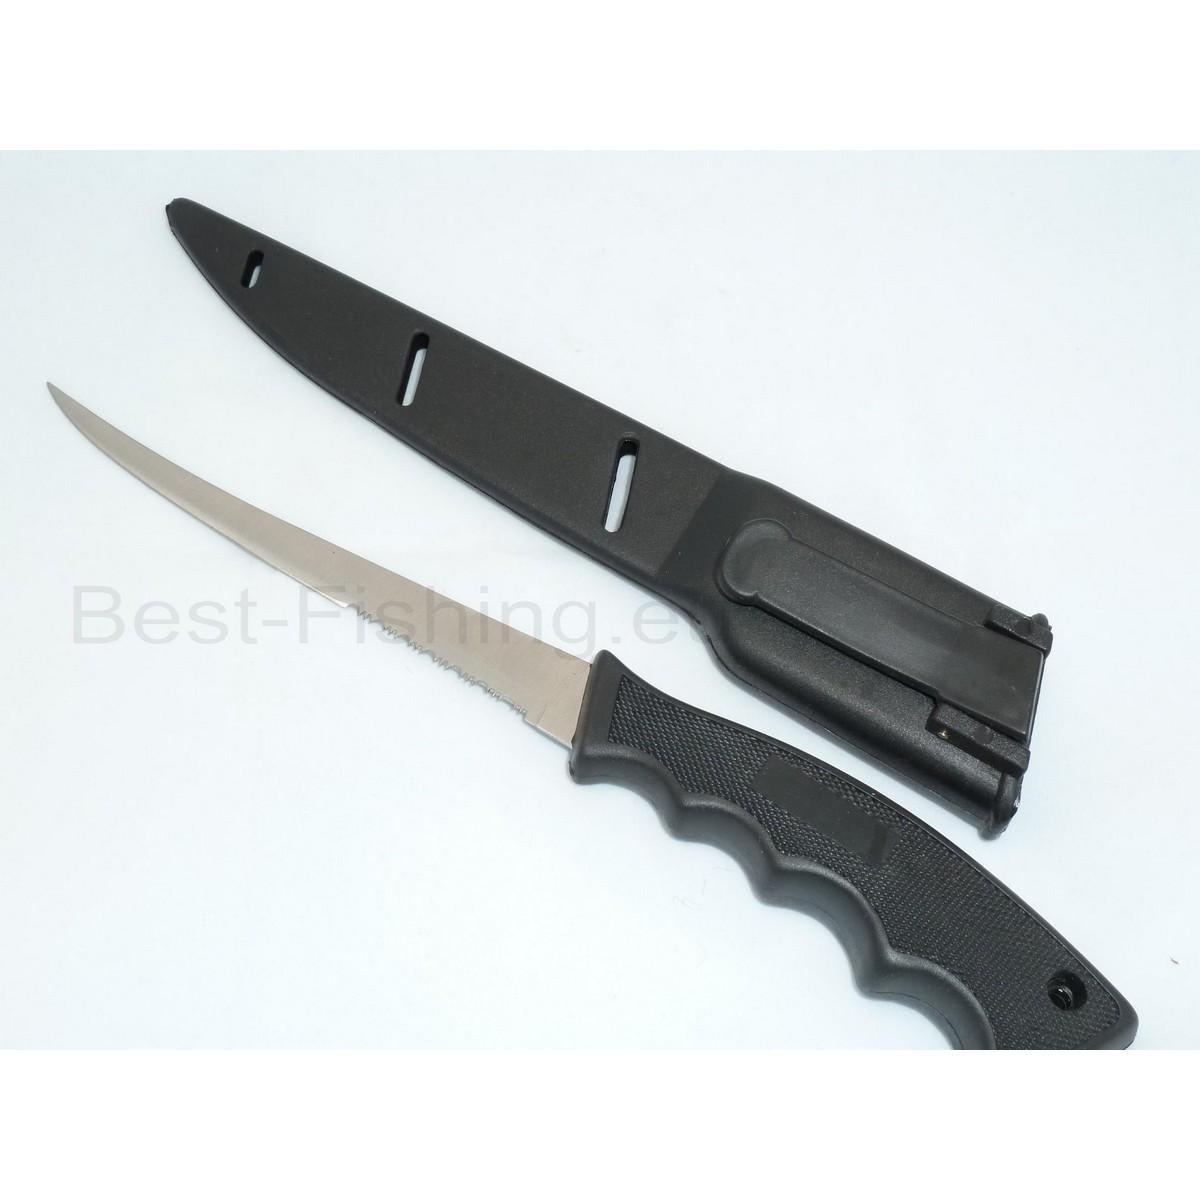 Рибарски нож AJ-FT030 - Jaxon